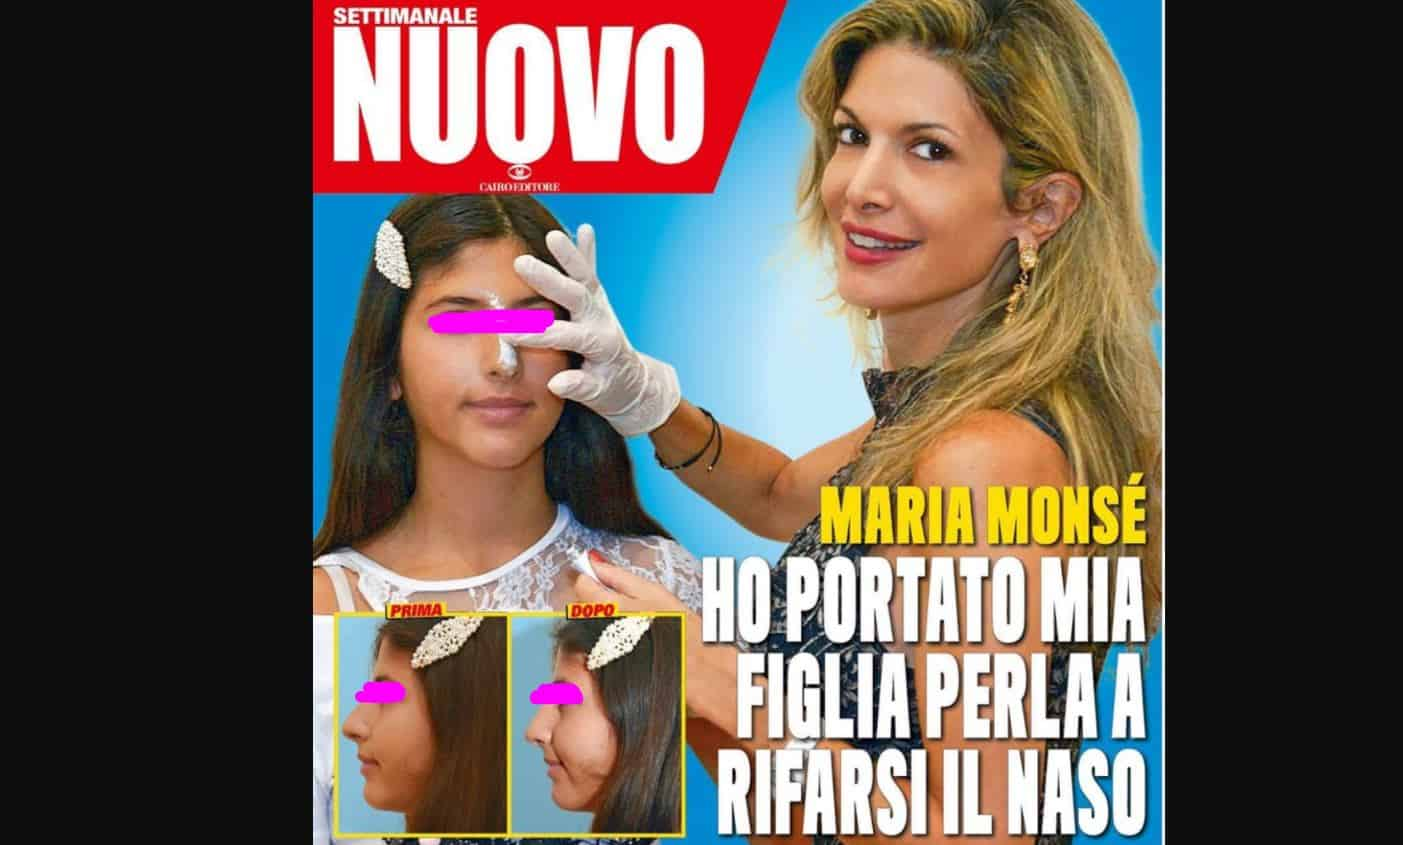 Perla Maria si rifà il naso: la figlia della Monsè finisce in copertina su Nuovo